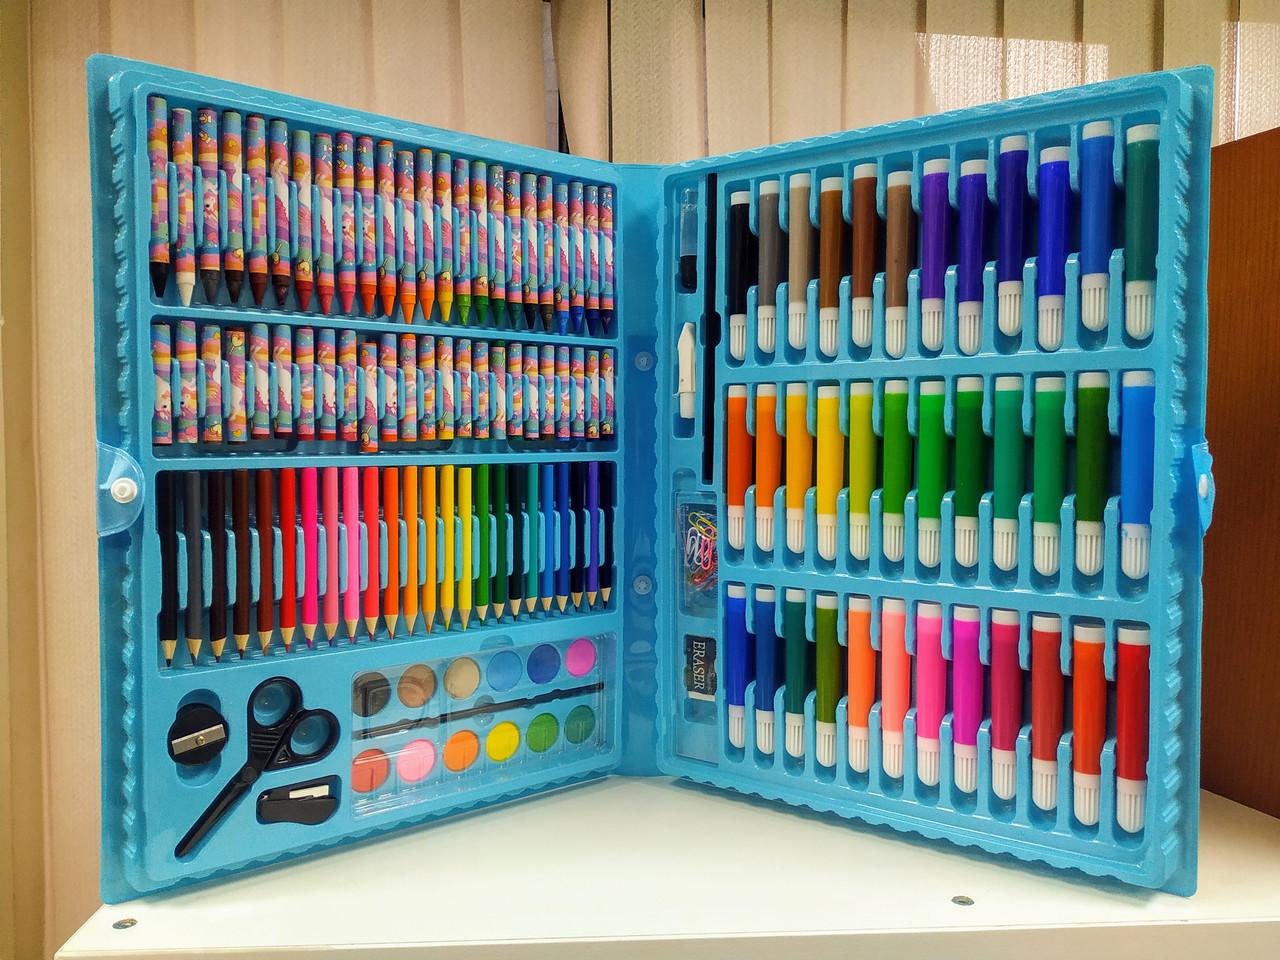 Детский набор для творчества 150 предметов (художественный набор для рисования в чемоданчике) - фото 5